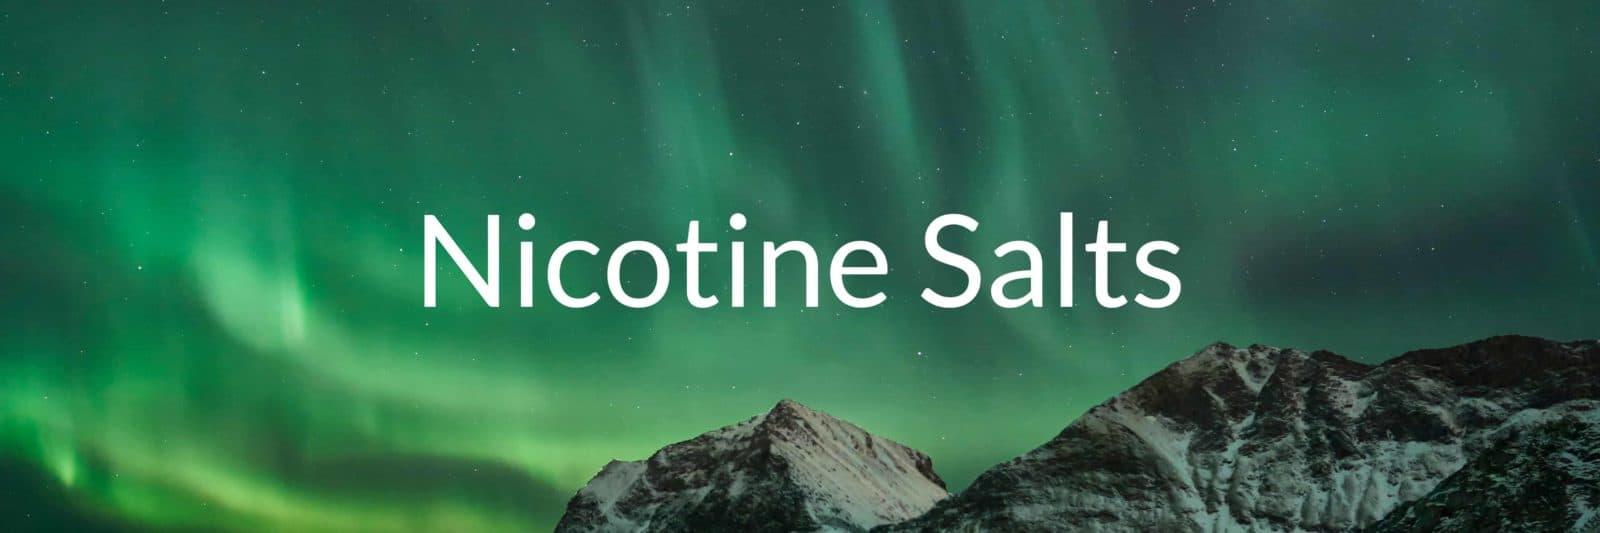 salts nicotine